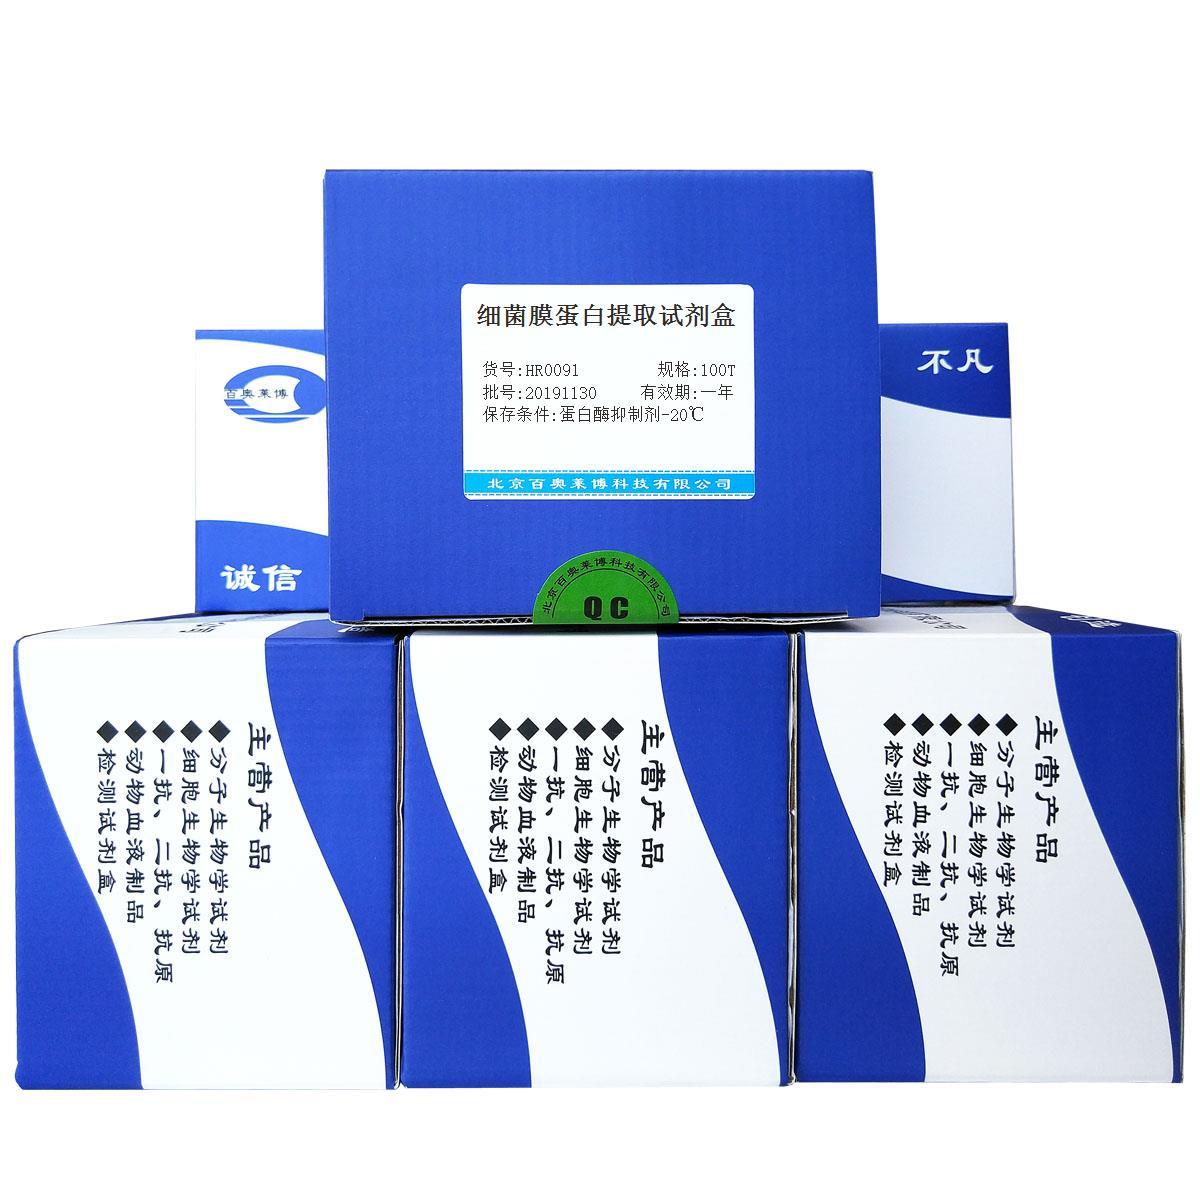 细菌膜蛋白提取试剂盒报价